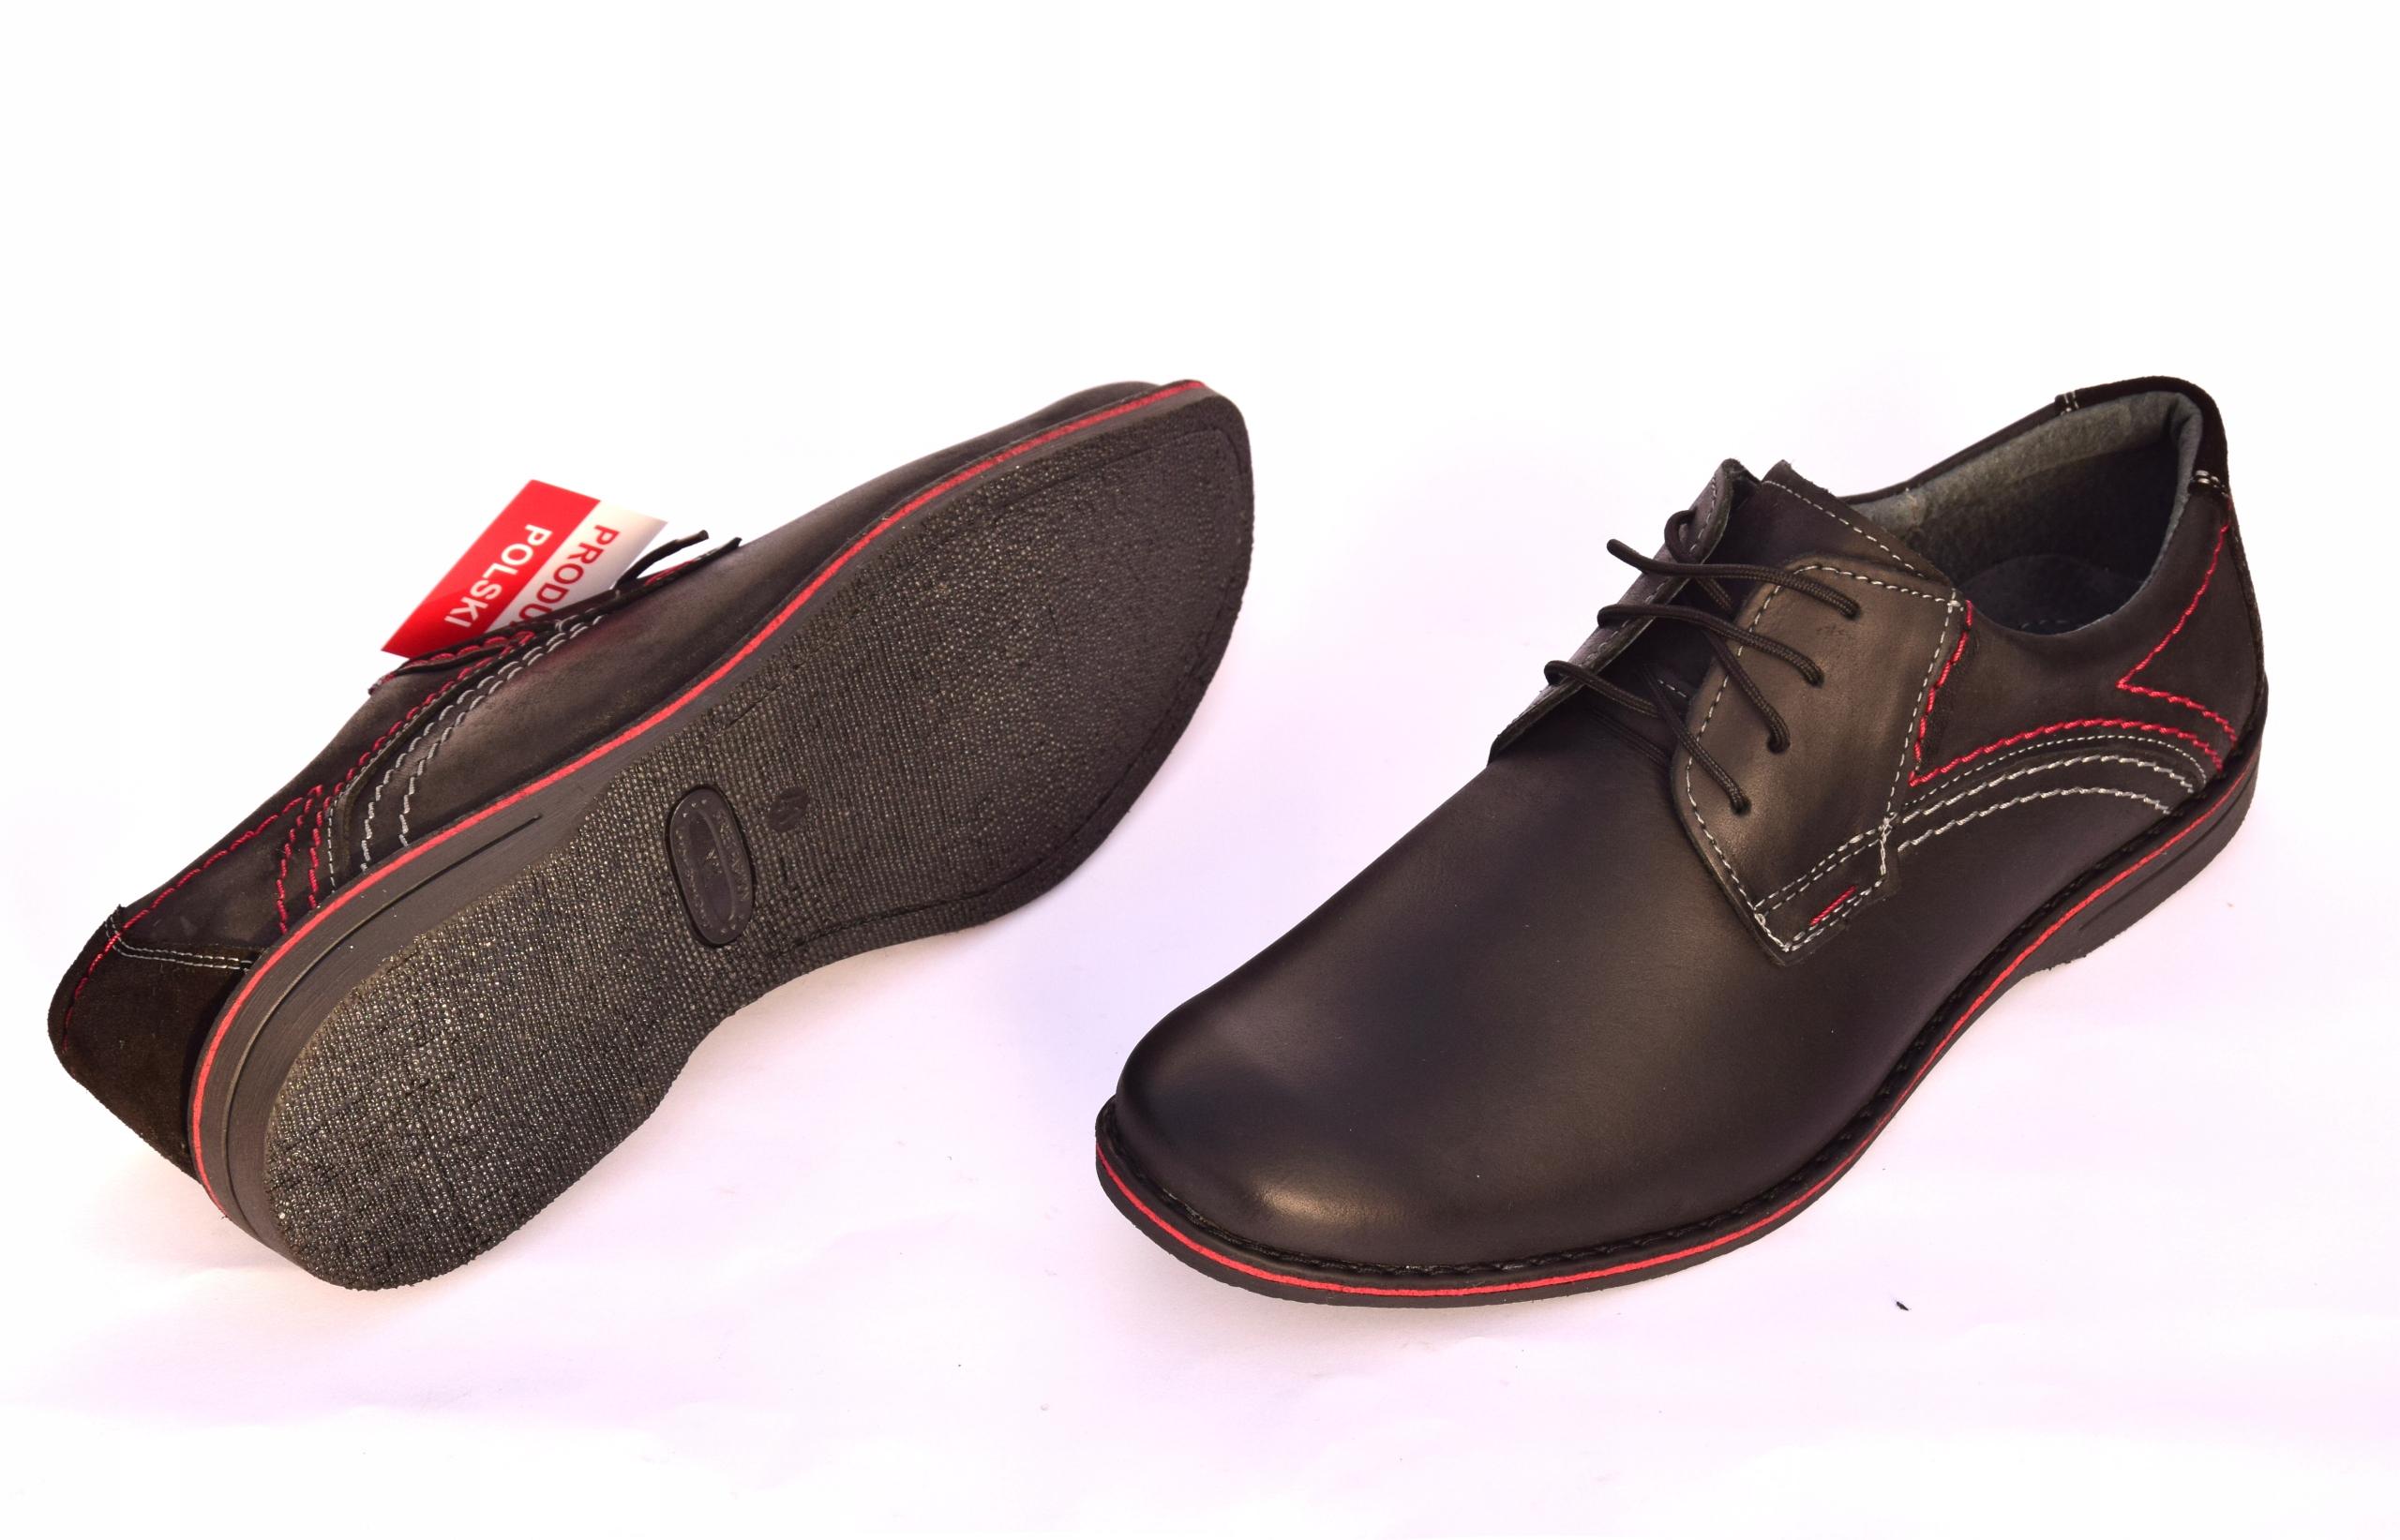 Buty męskie casual obuwie skórzane polskie 242 Materiał wkładki skóra naturalna